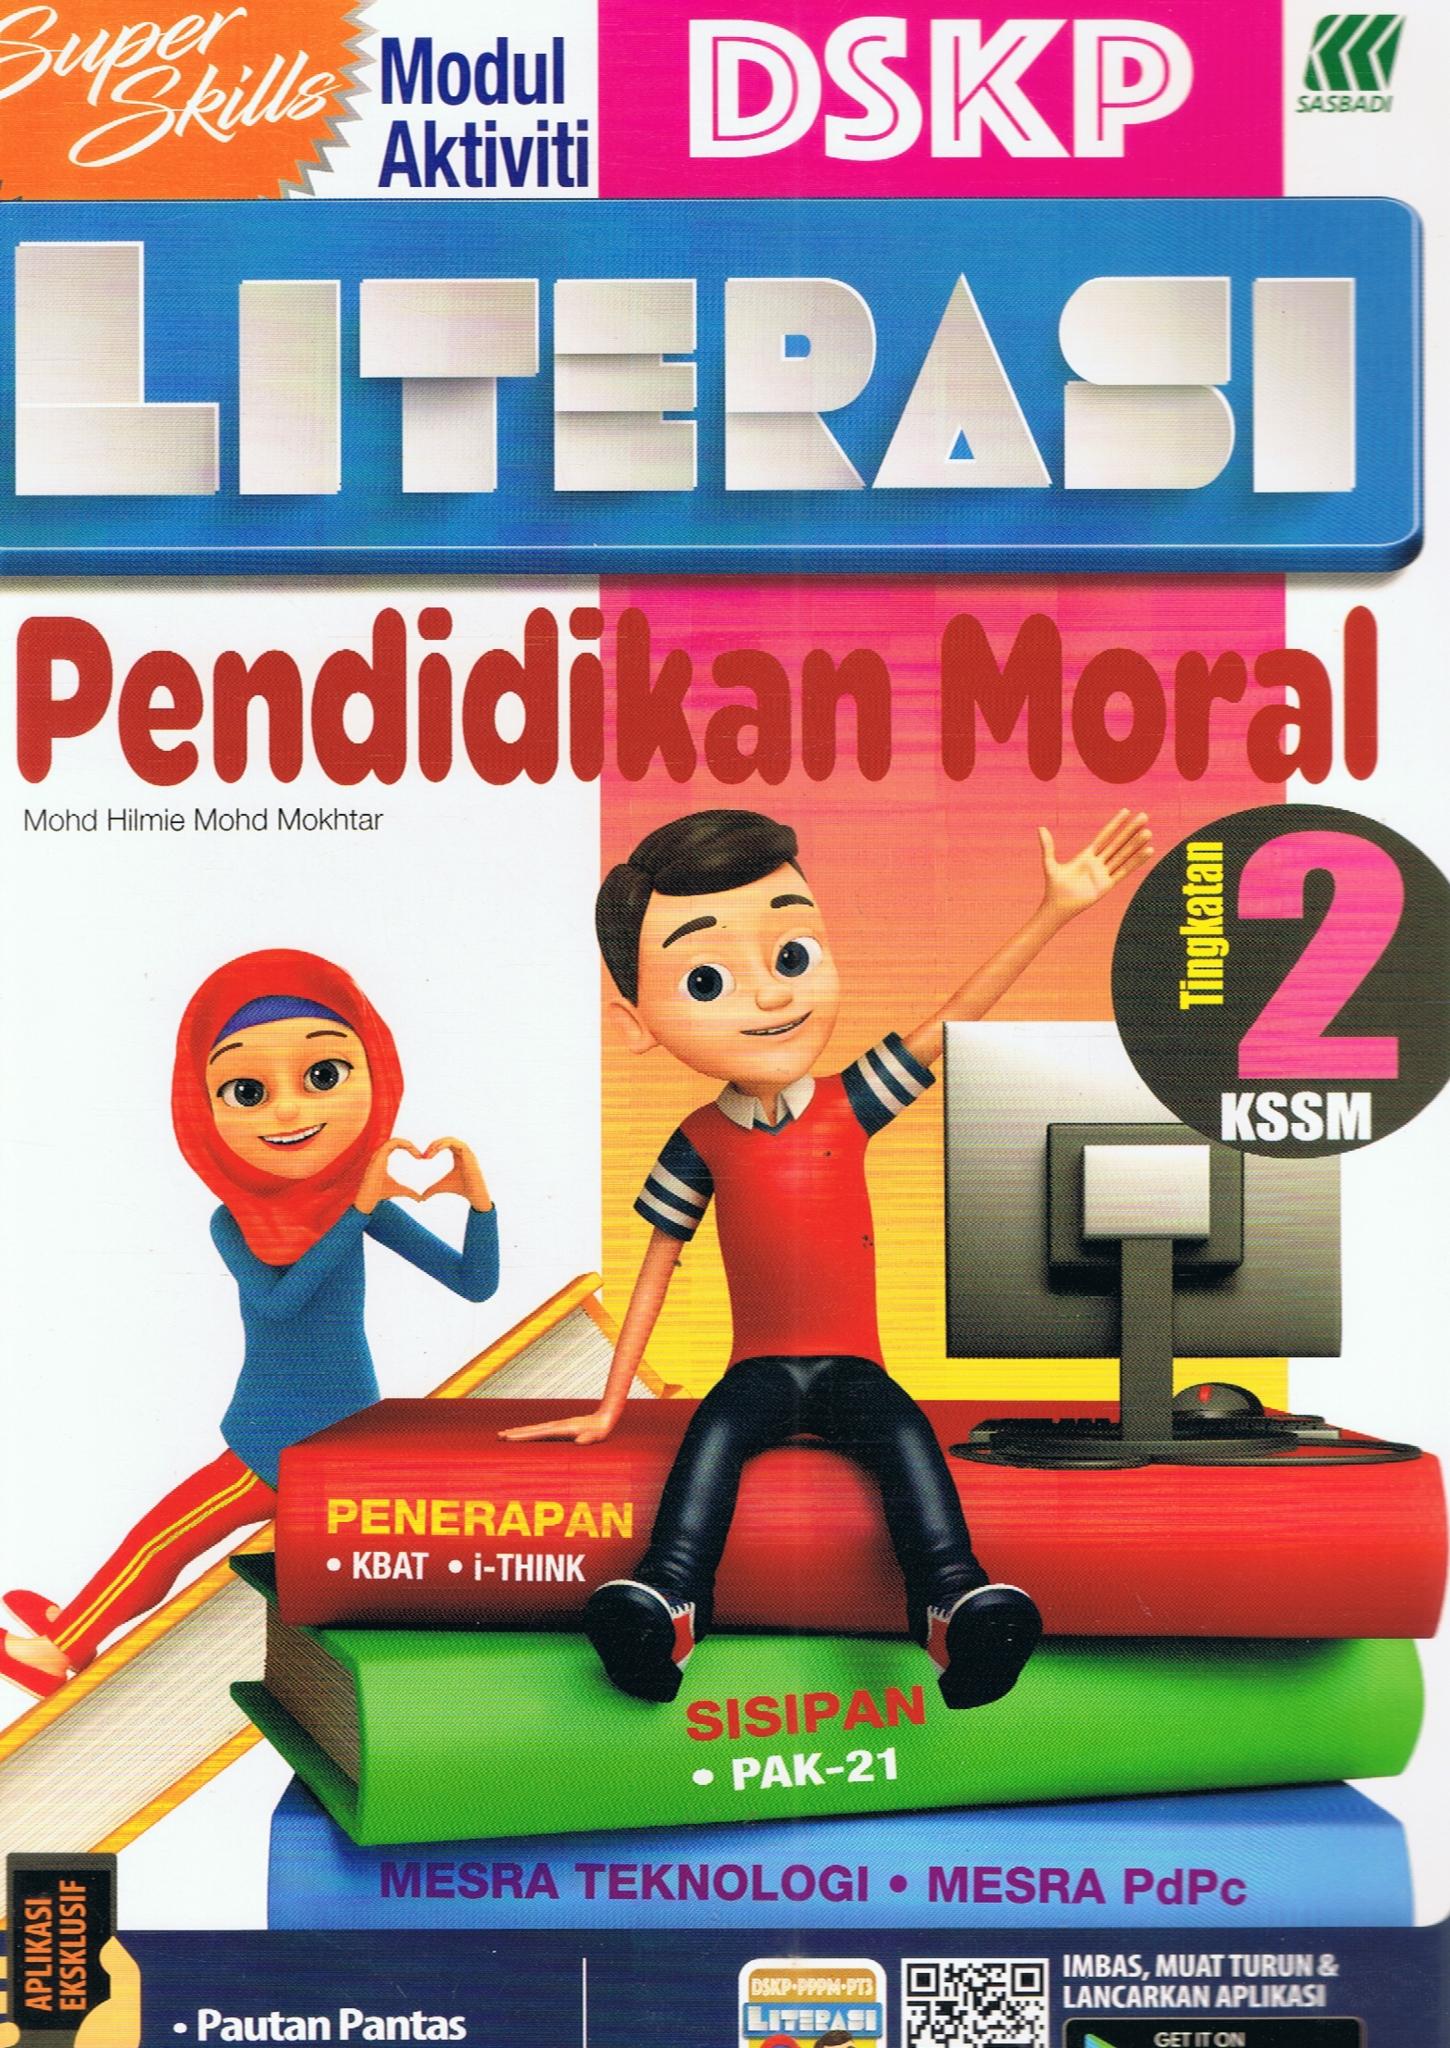 Download Dskp Pendidikan Moral Tingkatan 2 Power Super Skills Literasi Pendidikan Moral Tingkatan 2 Kssm Bukudbp Com Of Download Segera Dskp Pendidikan Moral Tingkatan 2 Yang Bernilai Khas Untuk Para Guru Lihat!